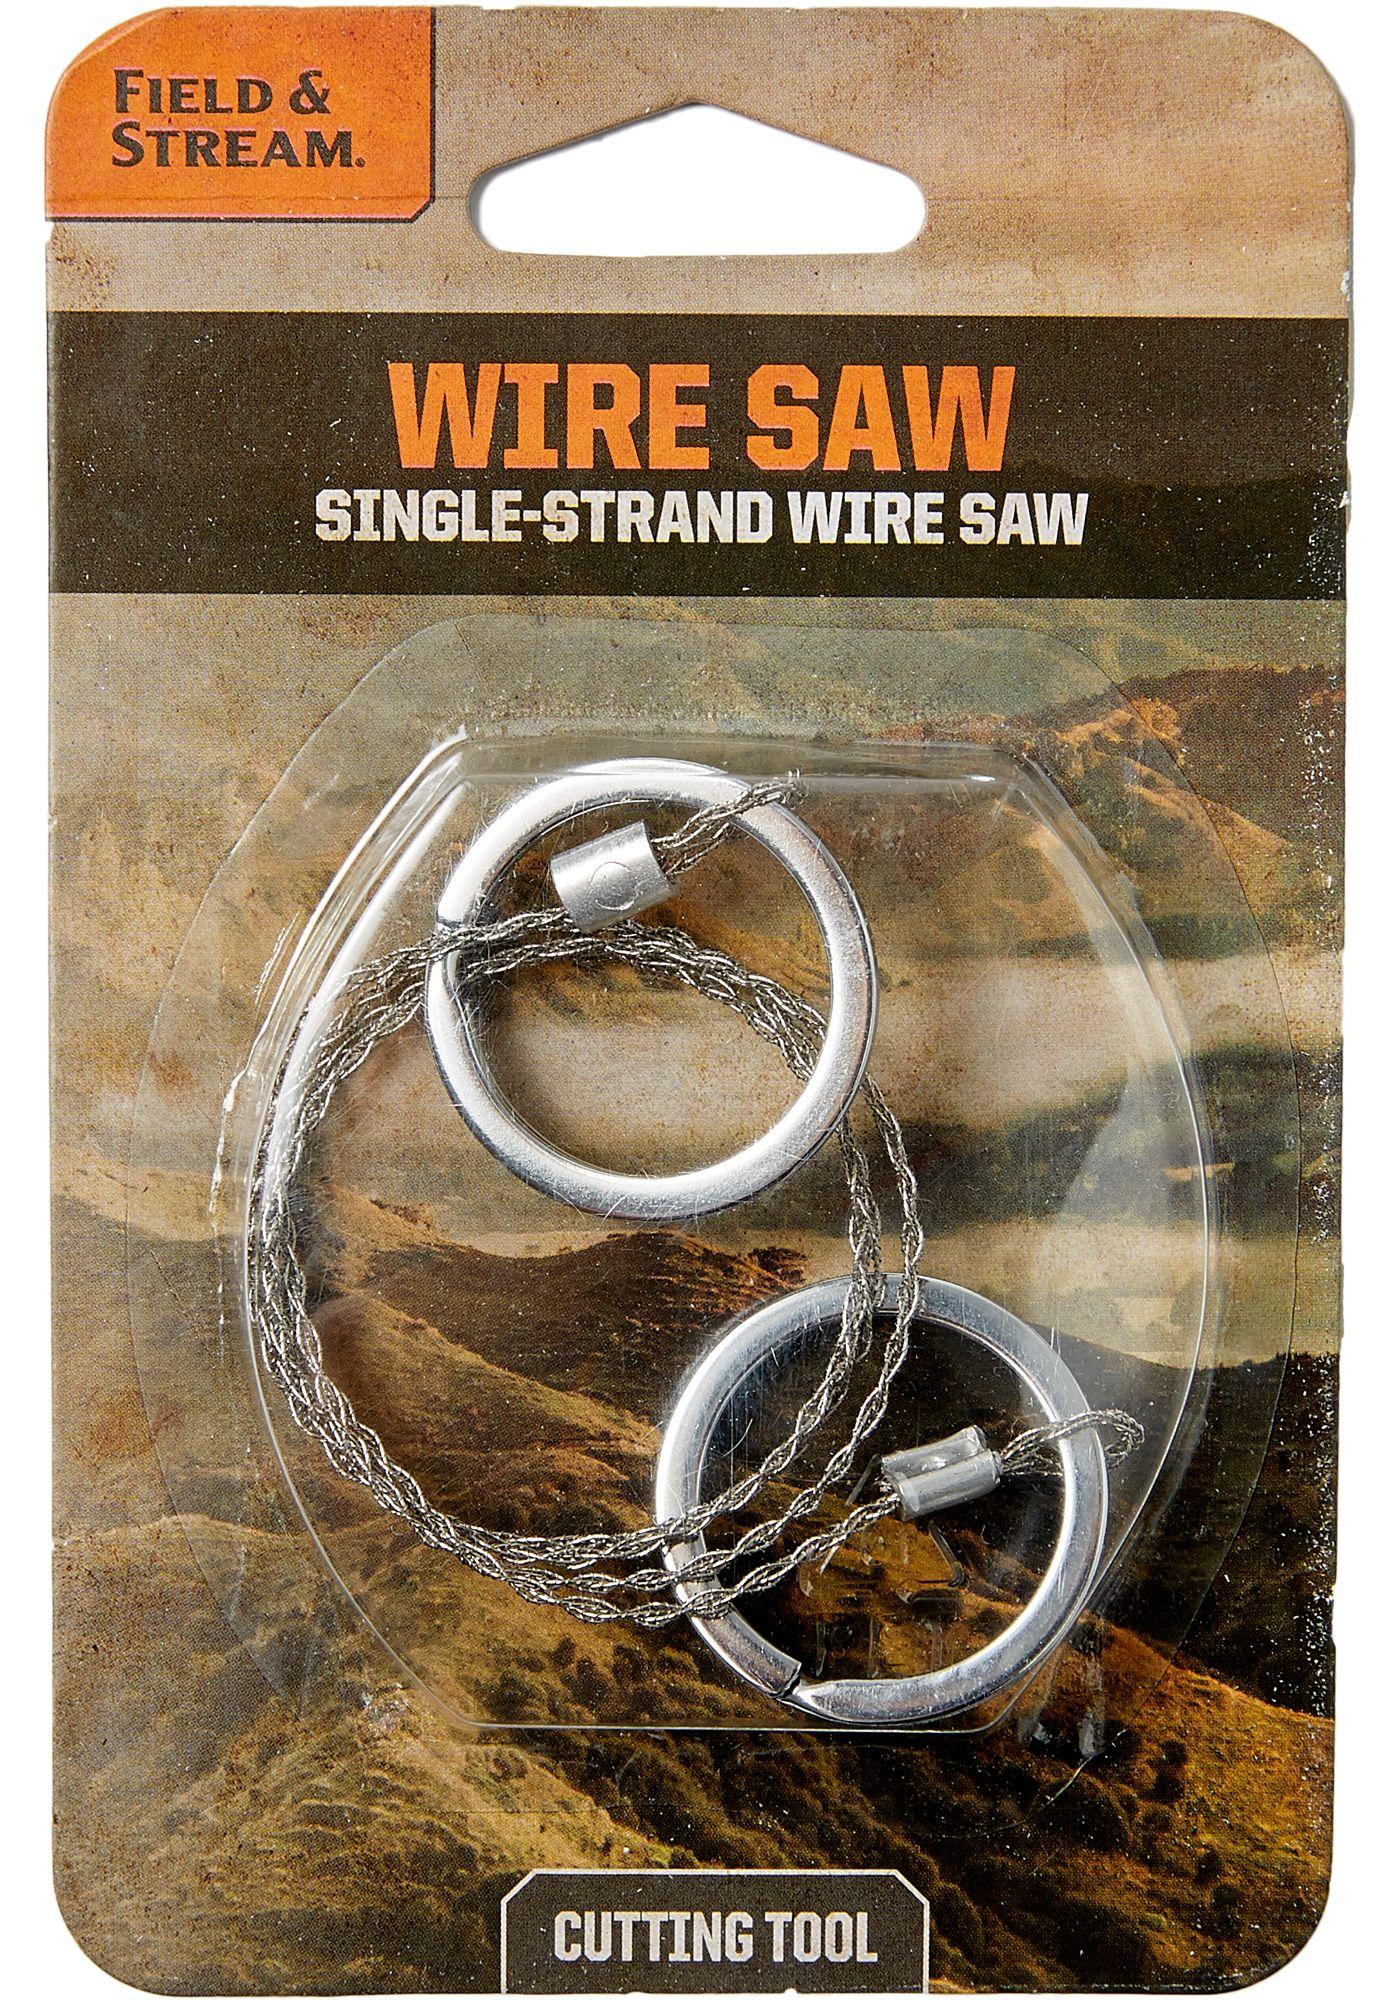 Field & Stream Wire Saw